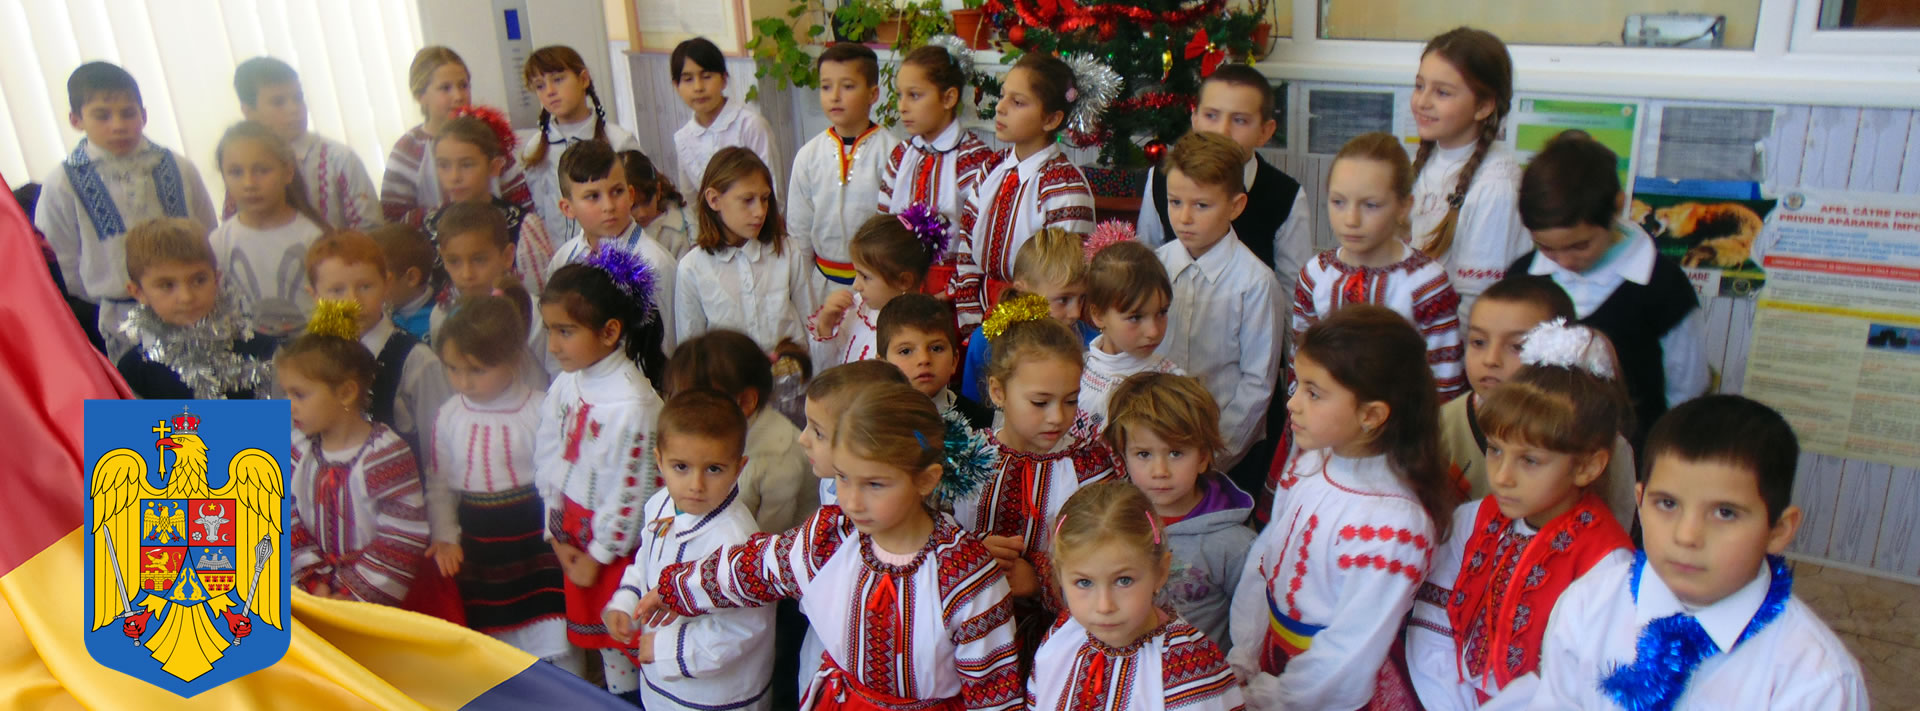 Evenimnet cultural, copii din Comuna Beresti-Meria